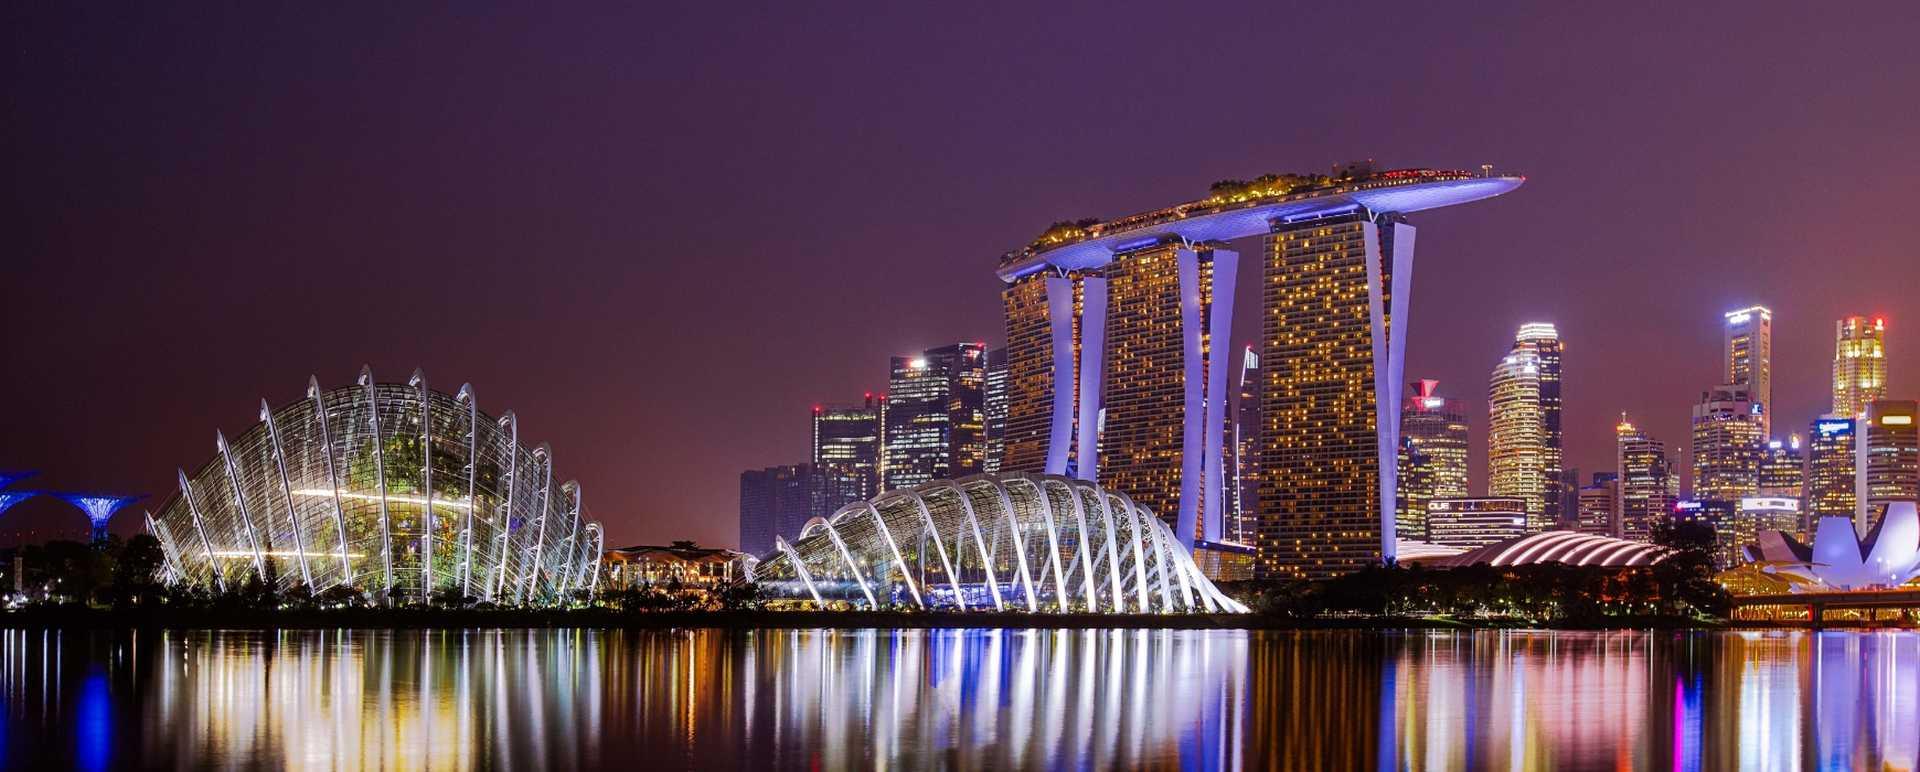 Singapur die Gardens of the Bay bei Nacht